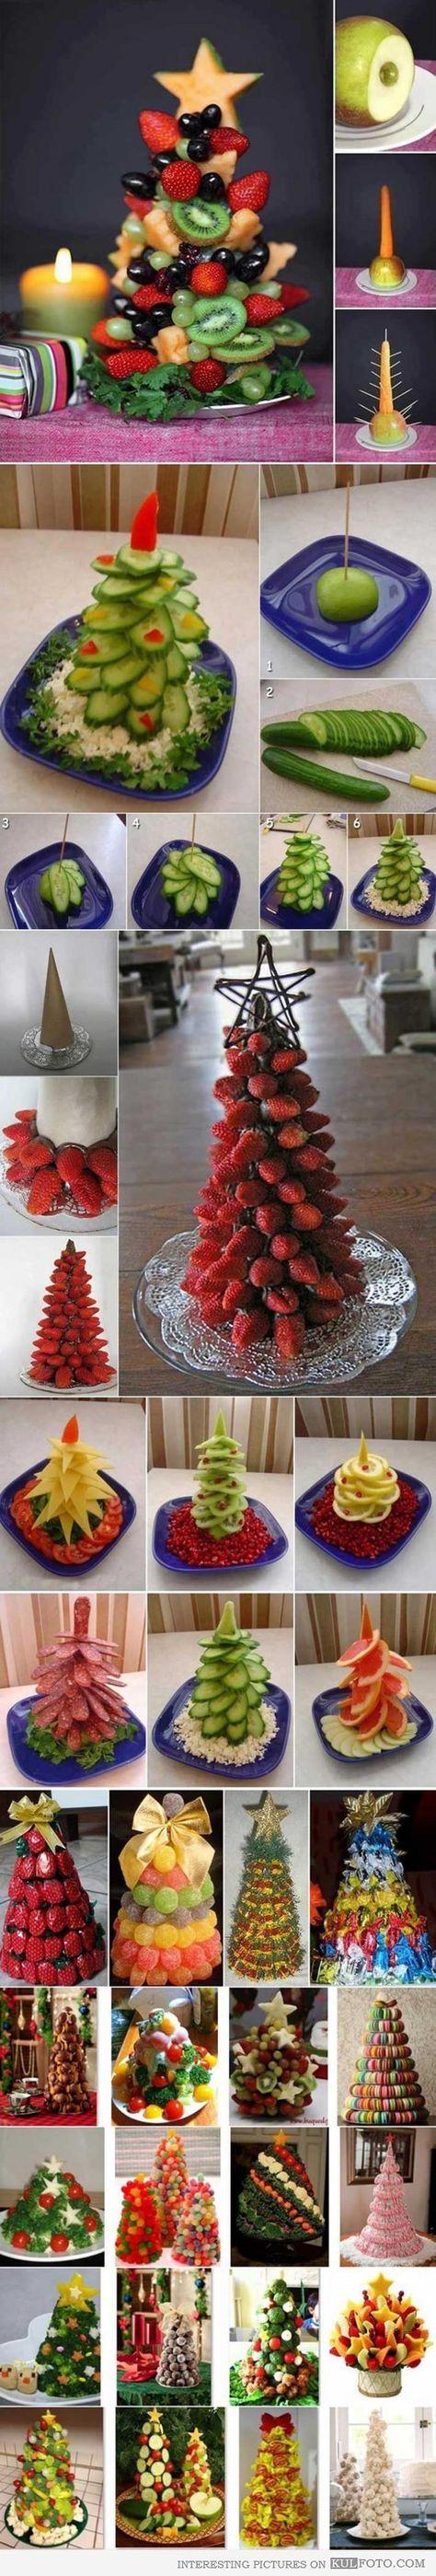 Fruits, légumes, viandes froides, fromages et bonbons!